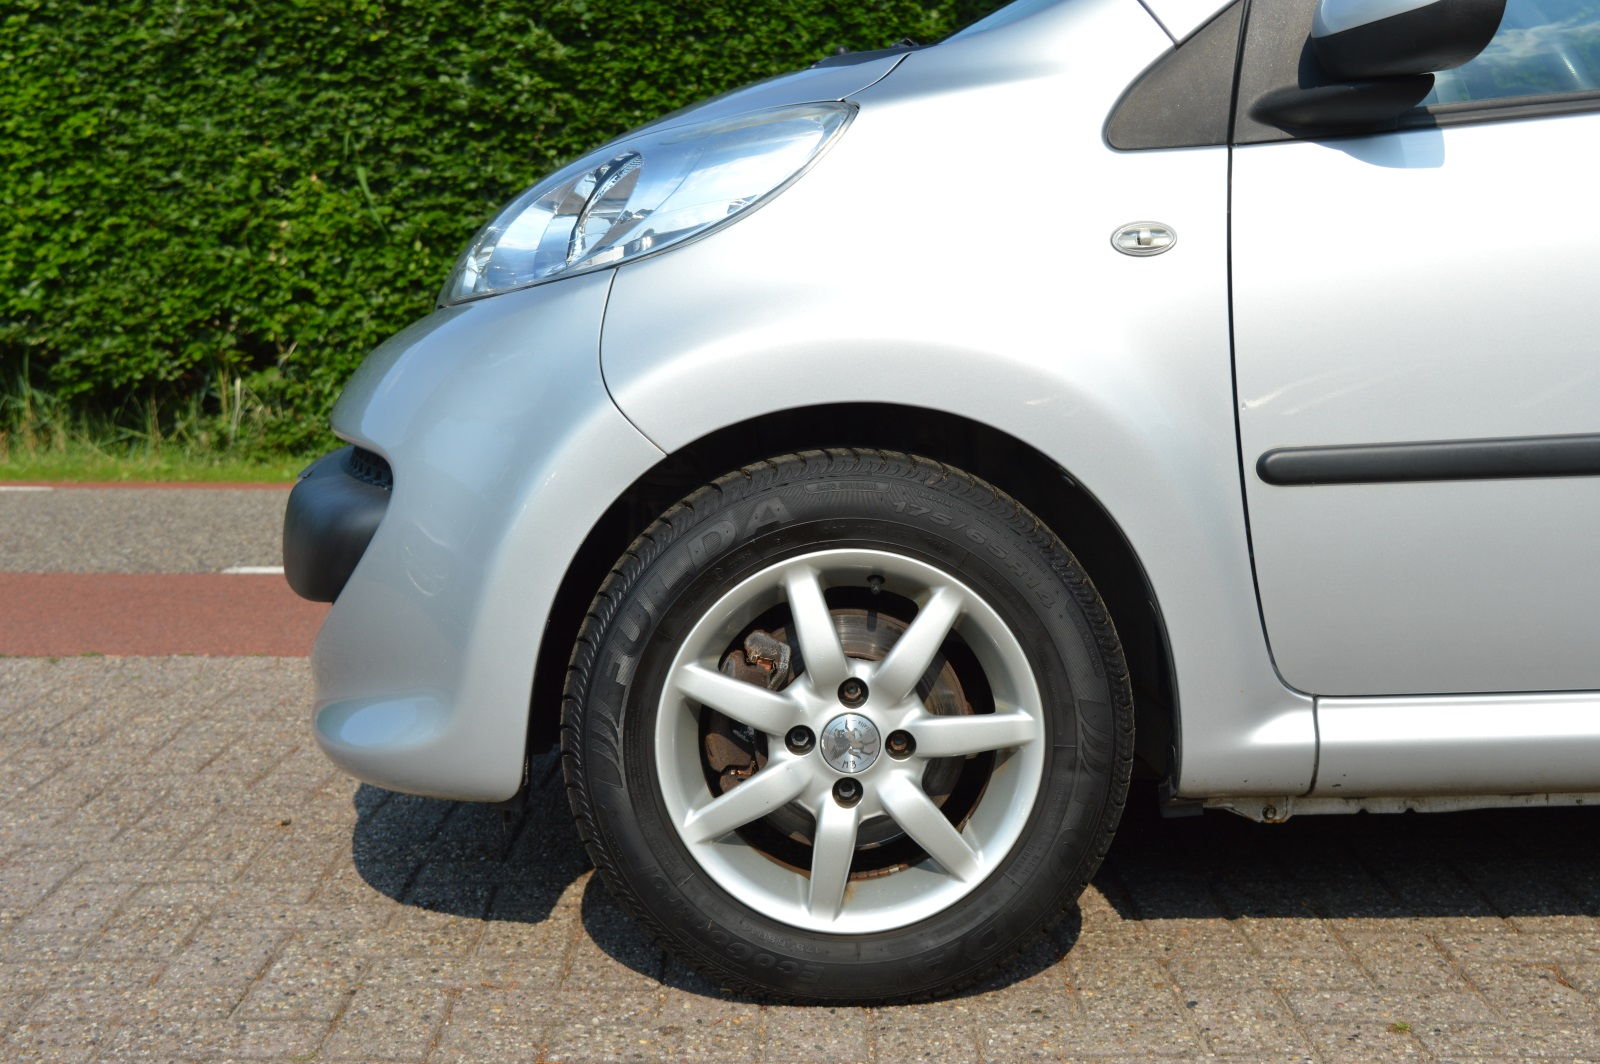 Peugeot 107 10 12v Xr Autobedrijf Slager